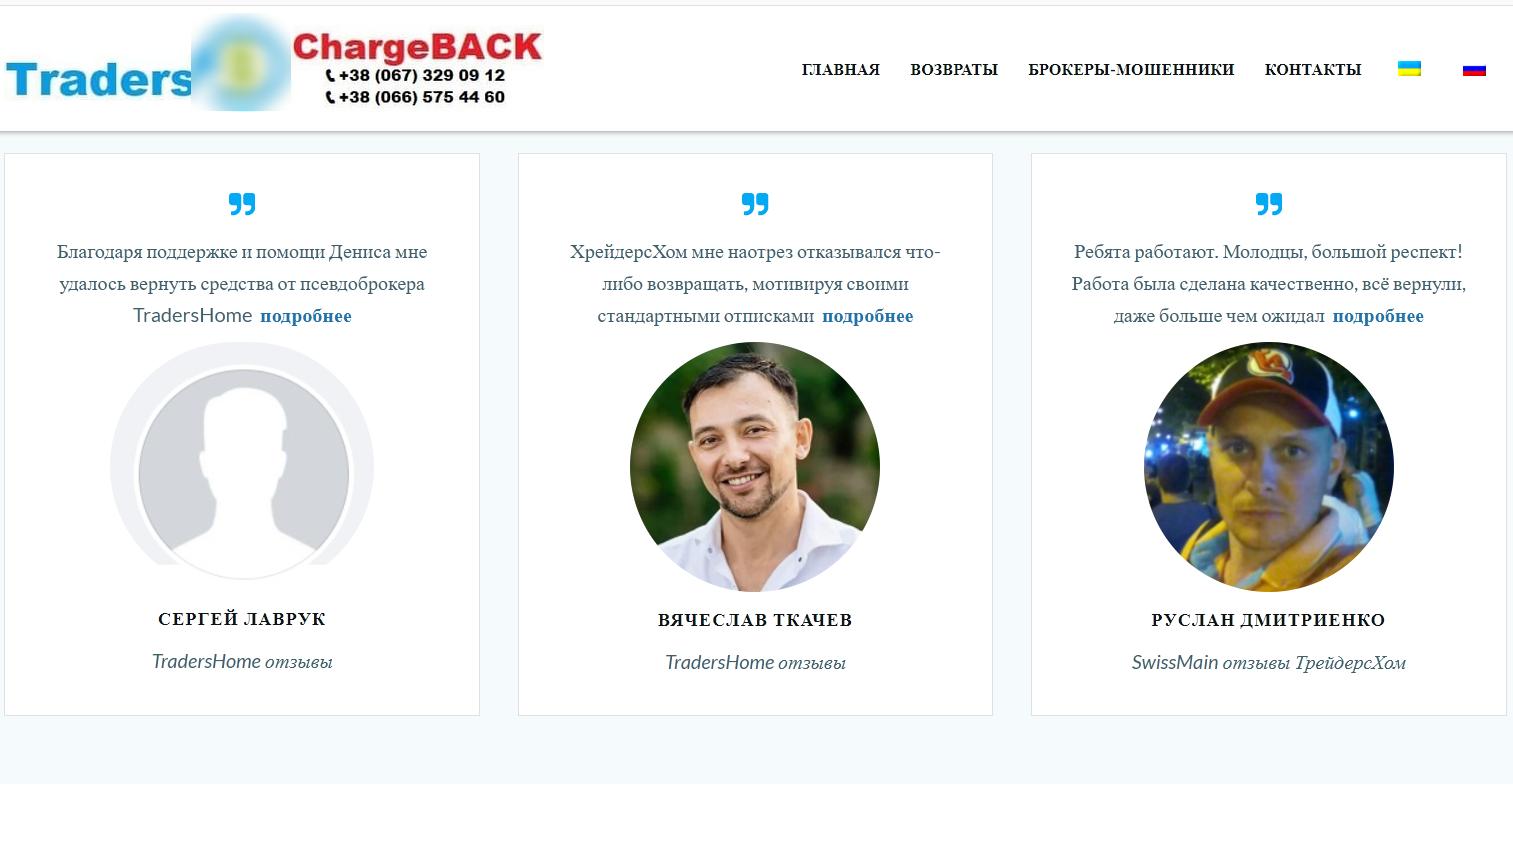 traders-chargeback.com.ua відгуки